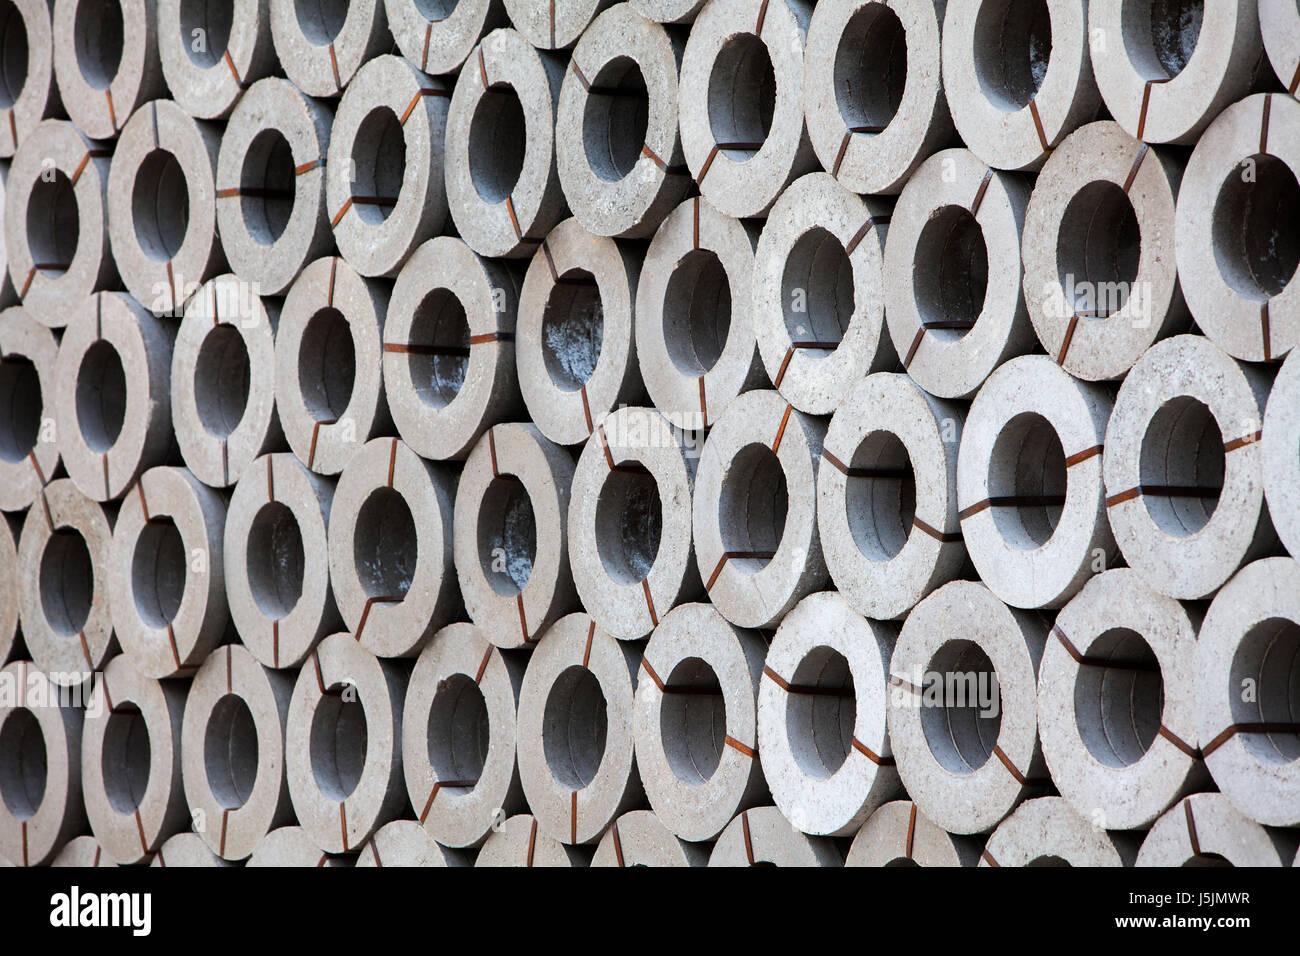 Betonrohre, Deutschland Stockbild